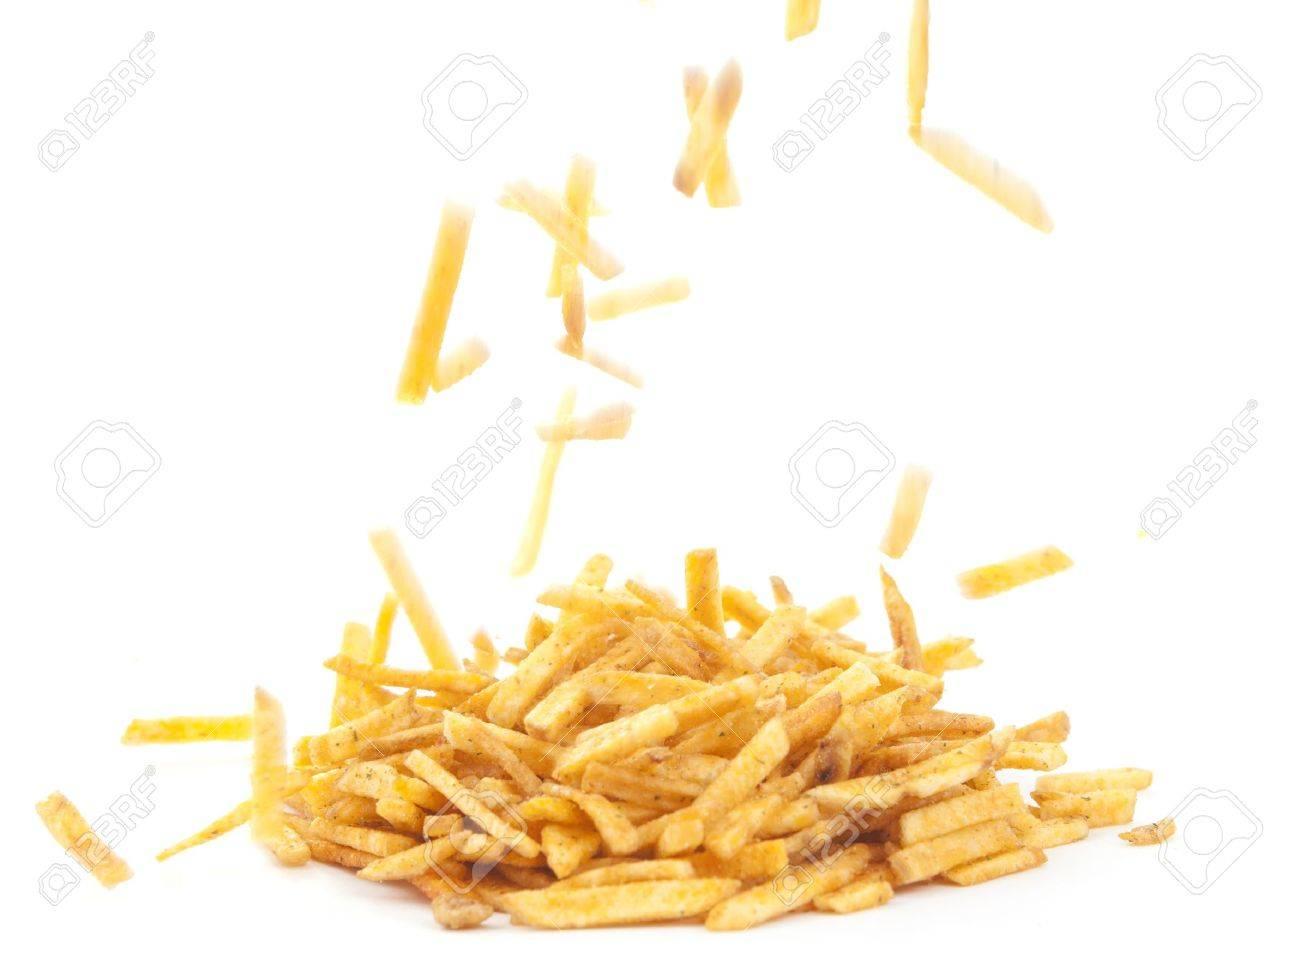 Fried potato sticks on a white background Stock Photo - 10289643